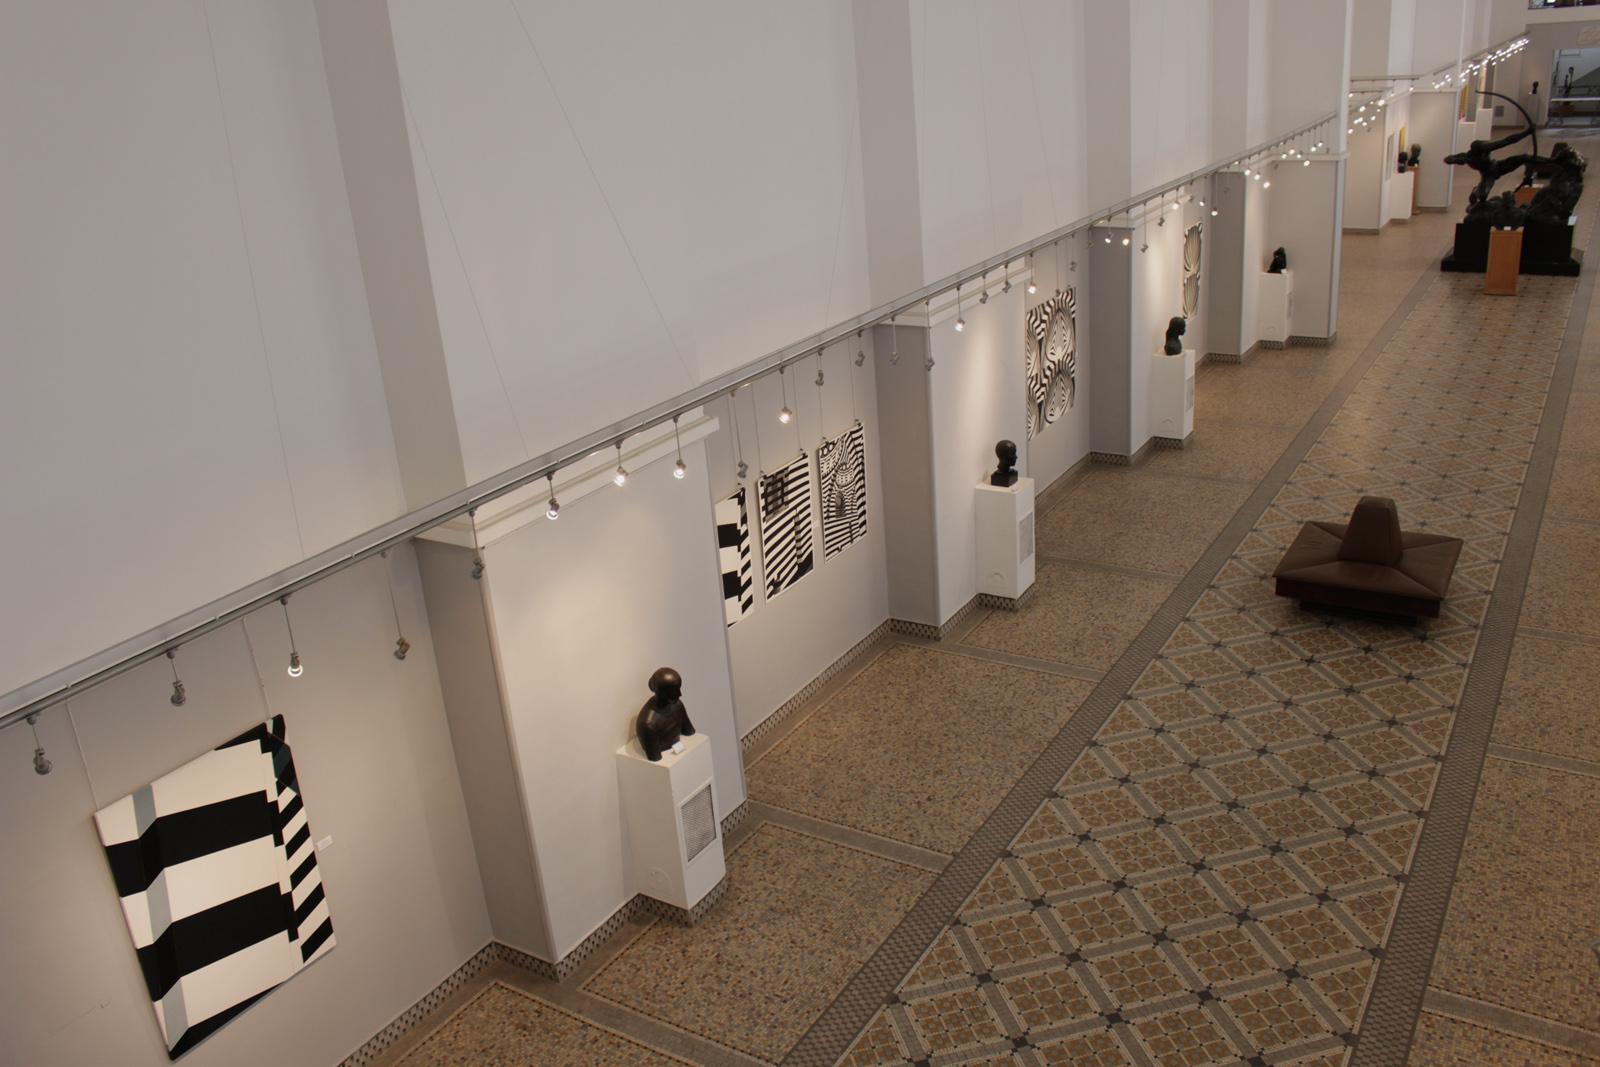 KHAN ASAD PASHA II linocut_exhibition